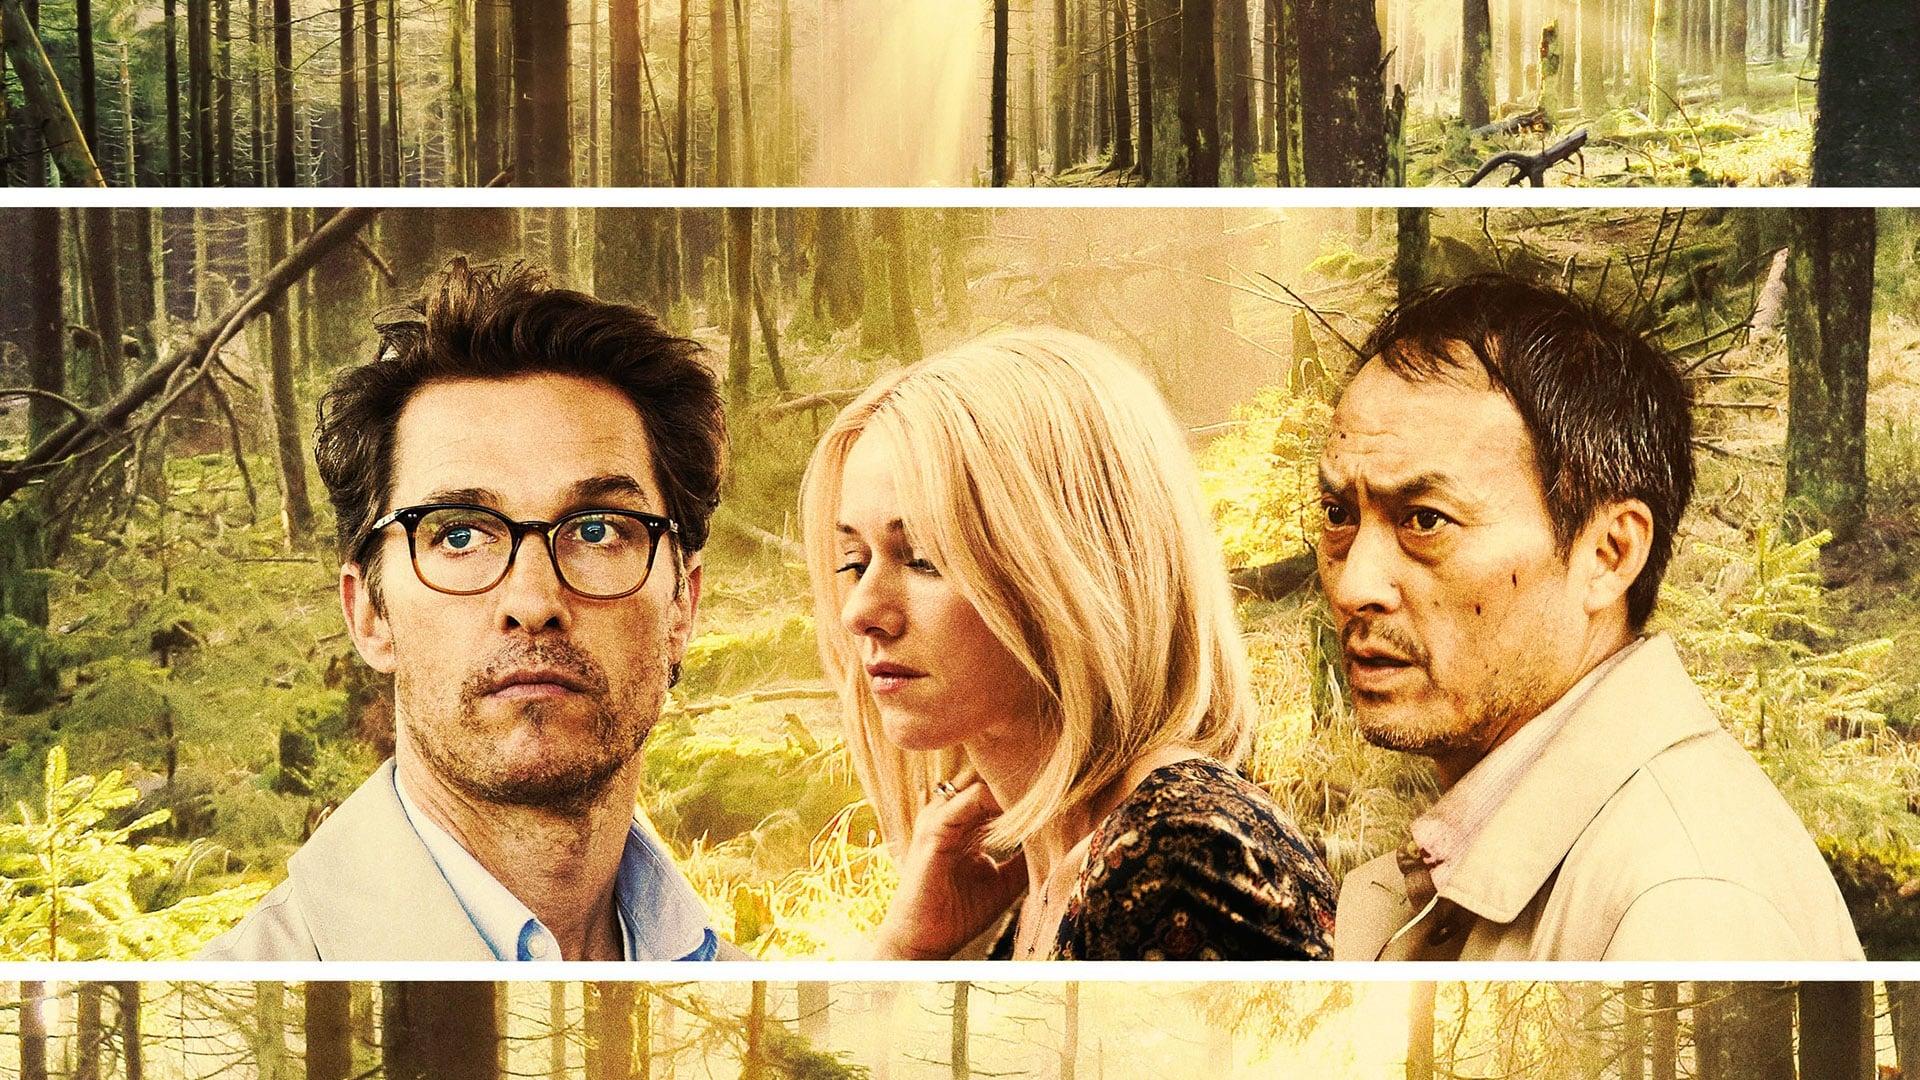 El bosque de los sueños